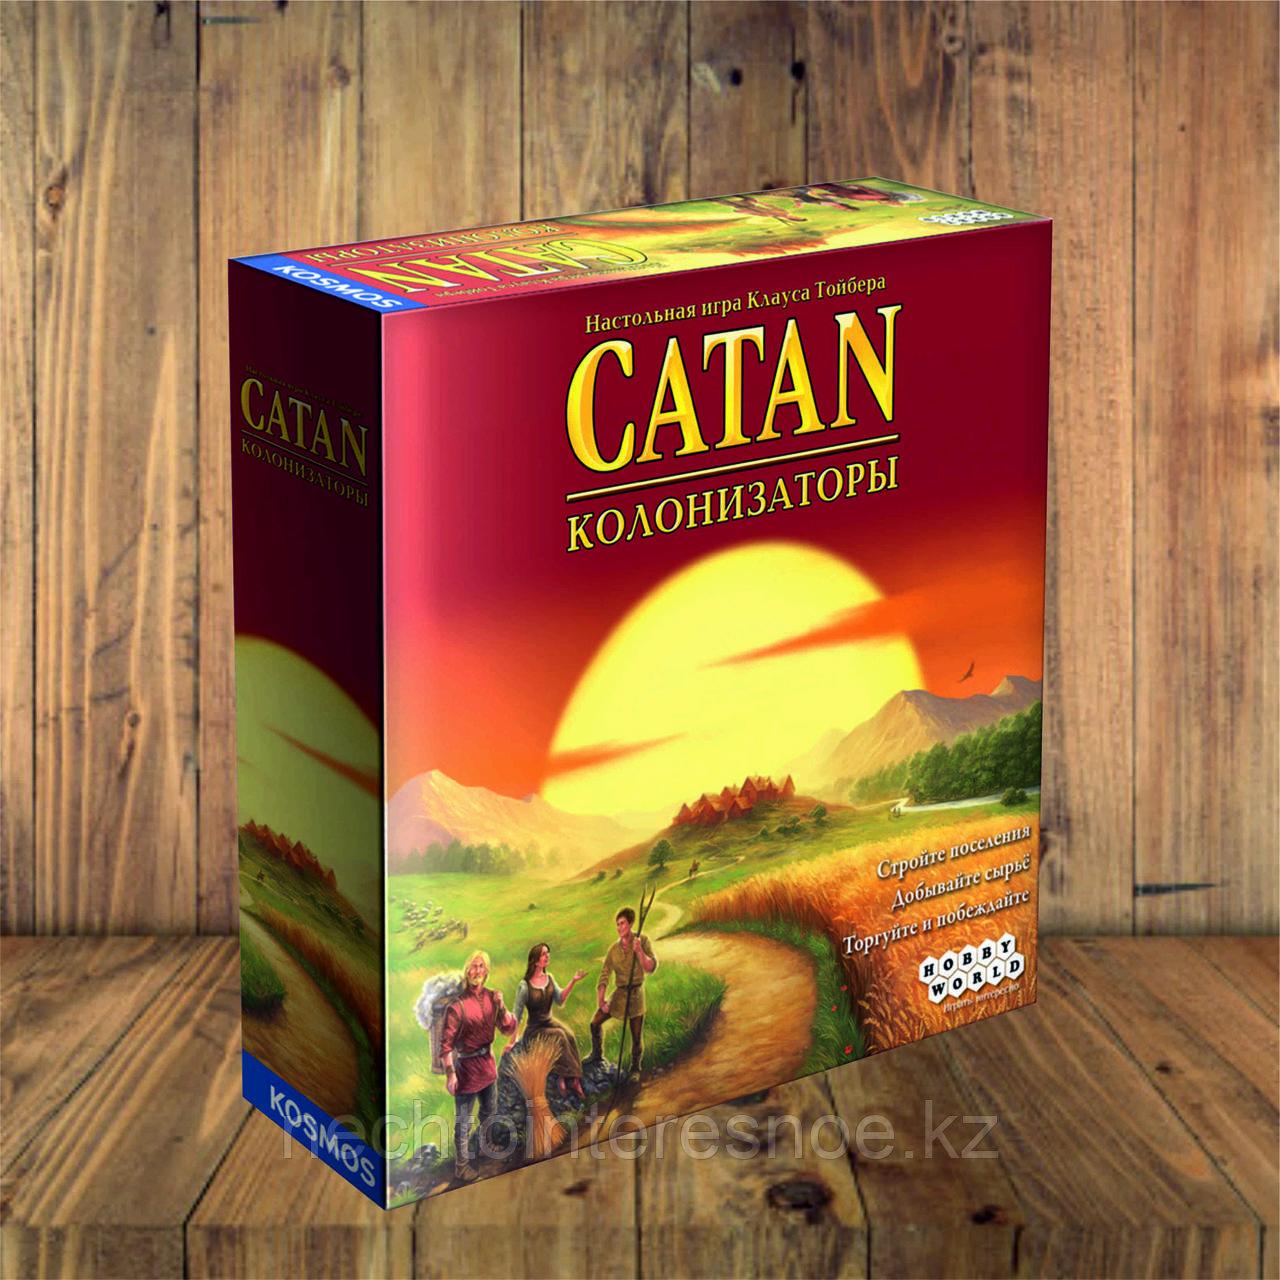 Catan (Колонизаторы)